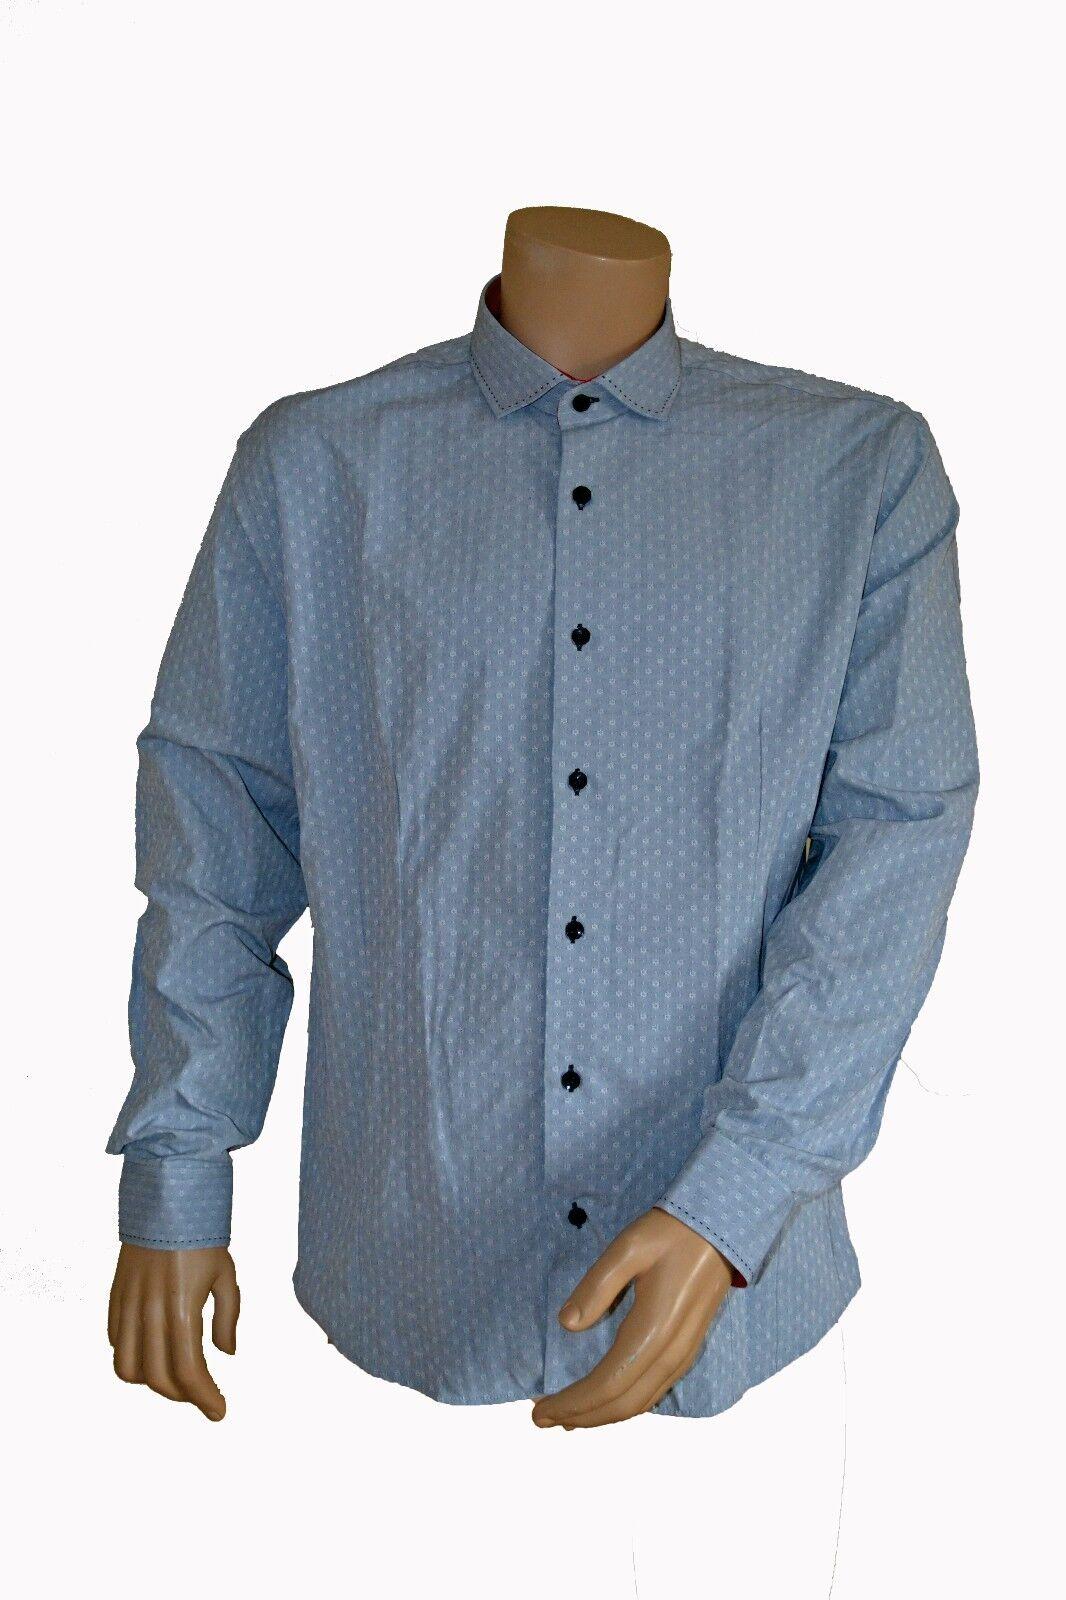 e12a44d1 BNWT BOGOSSE PEREDA BUSINESS SHIRT GREY JACQUARD CAMICIA CAMISA FORMAL  CHEMISE nojaiv2210-Dress Shirts